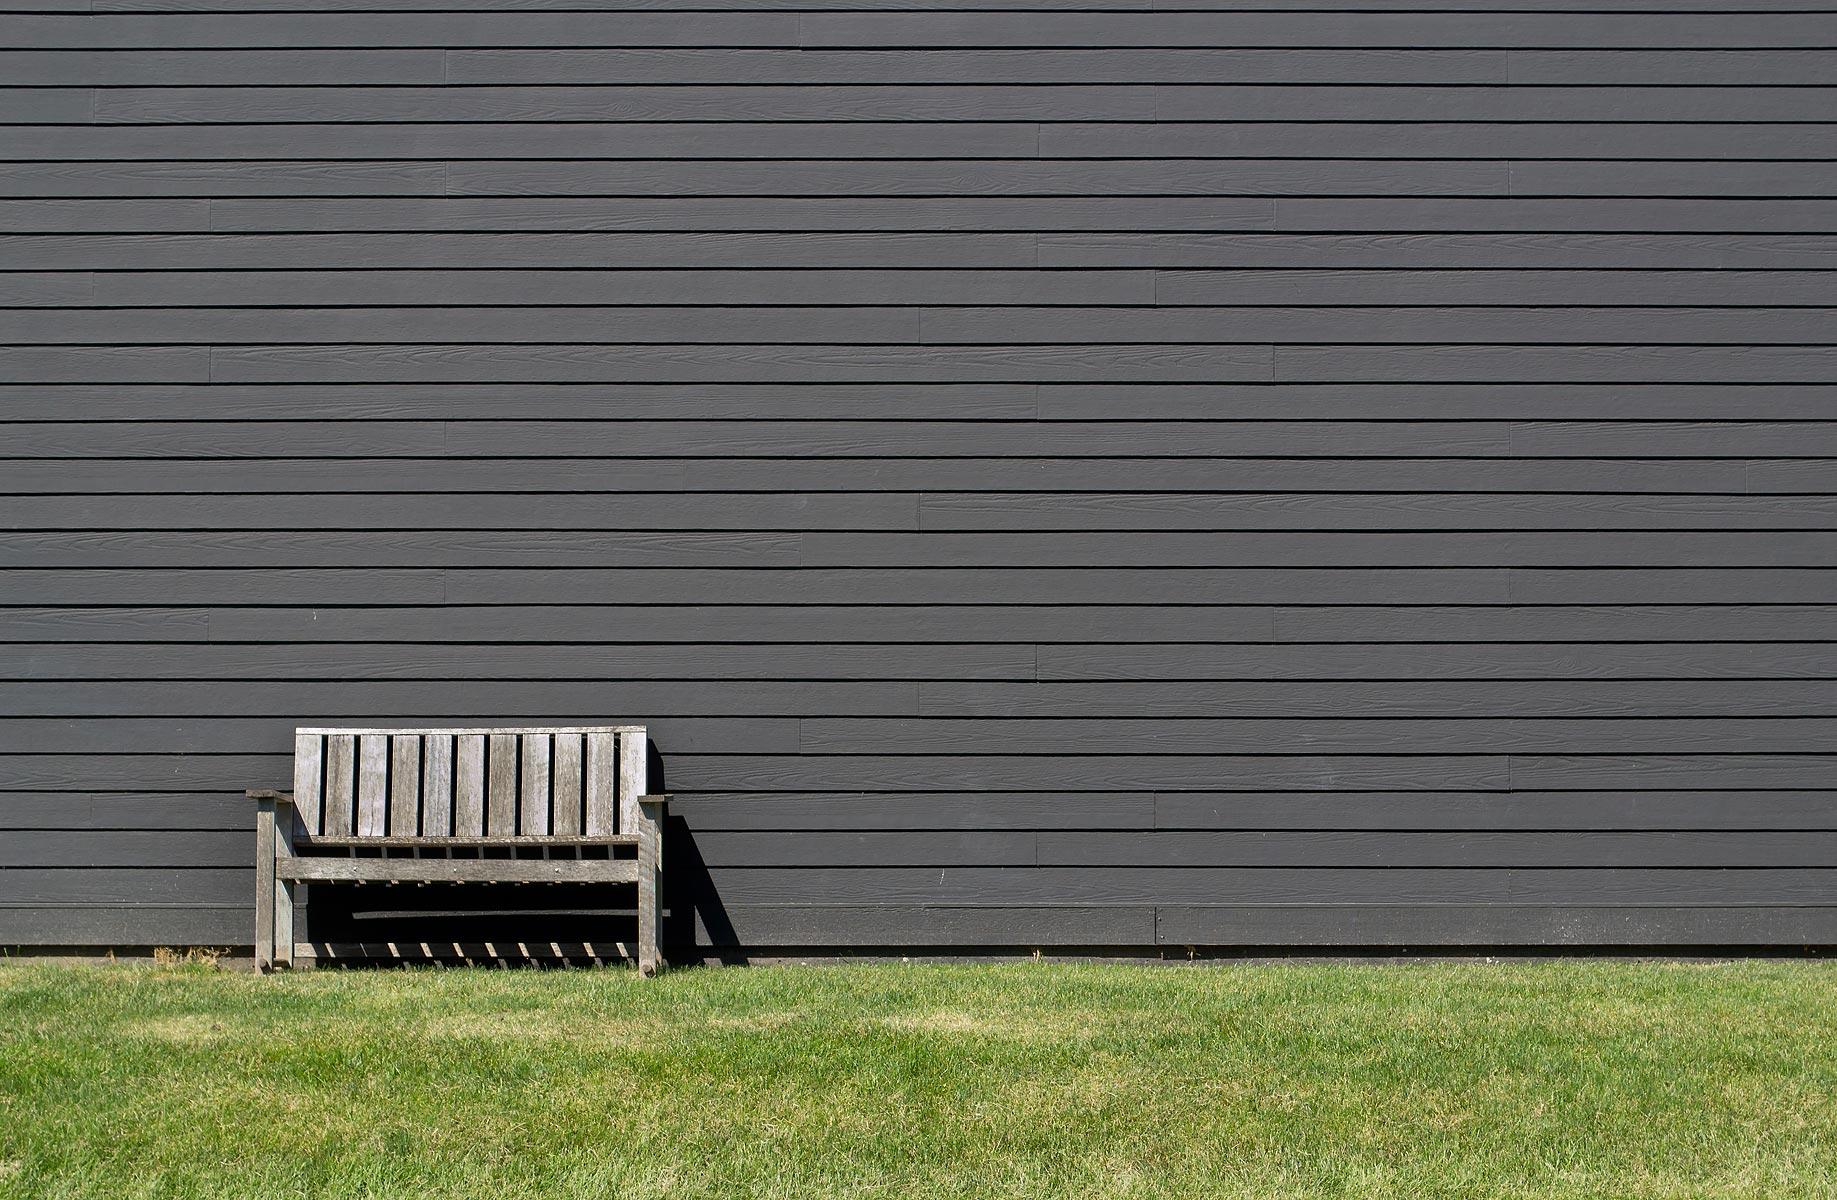 ALTUS-prairie-house-number1_0127.jpg